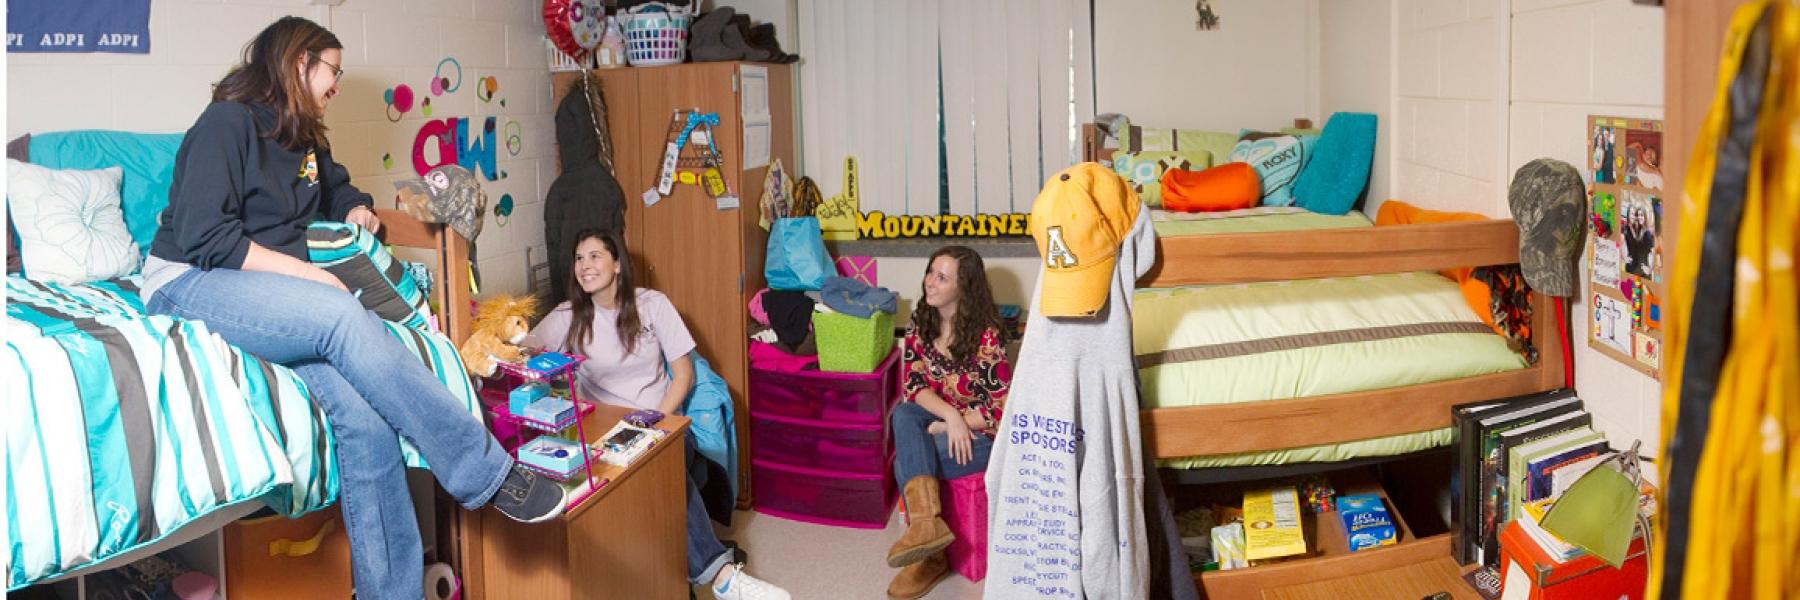 Students in ASU dorm room